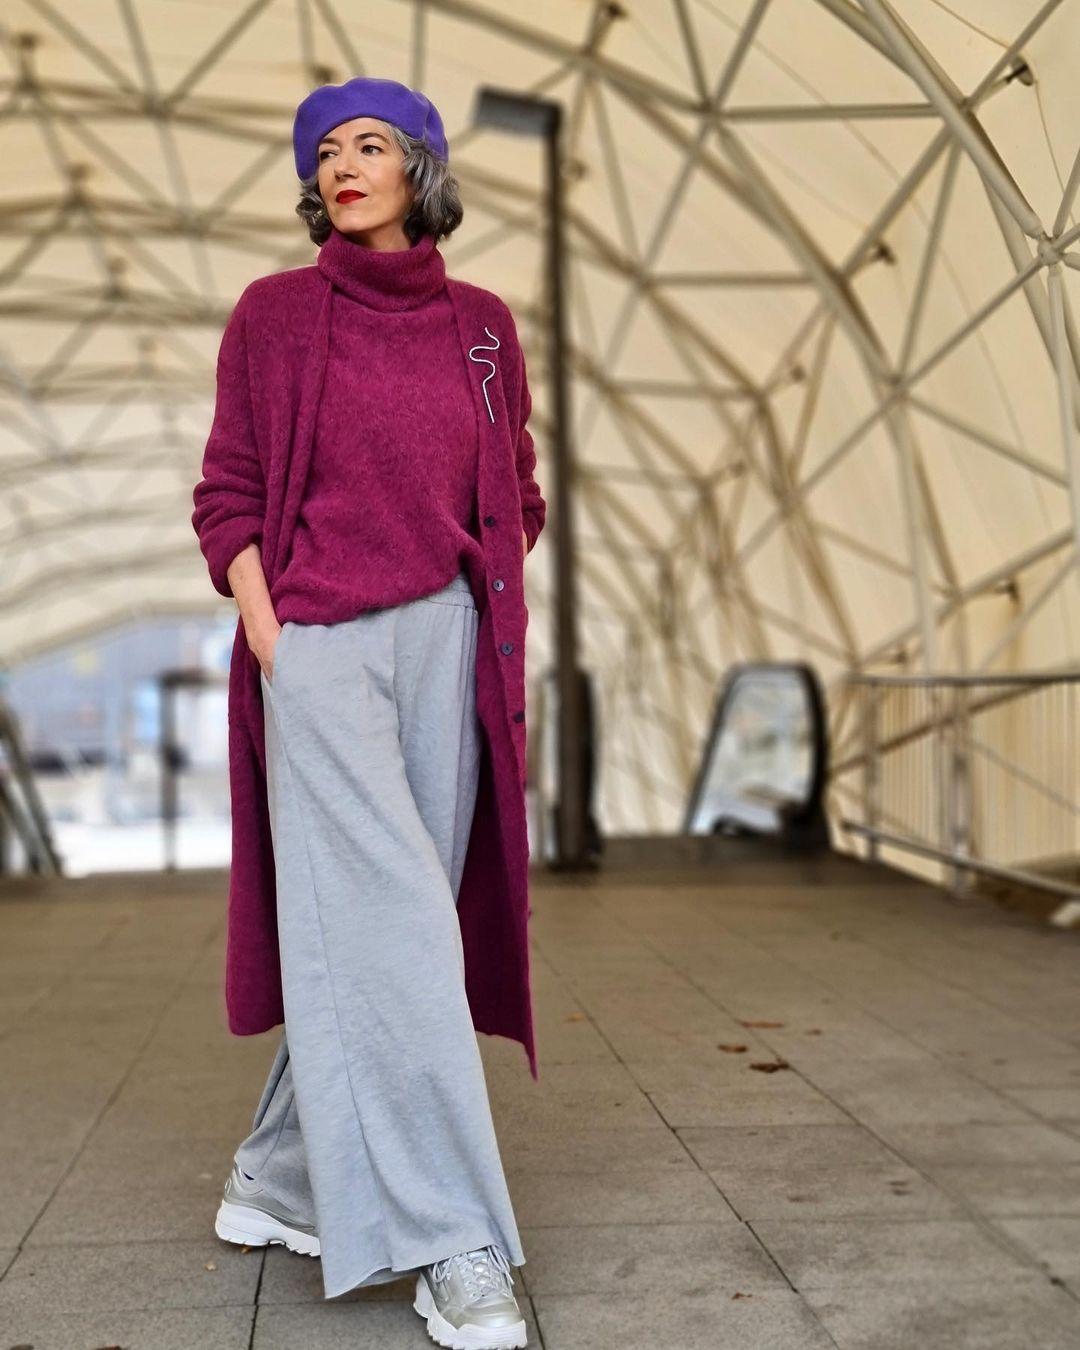 Фото, как одеваться женщине после 60 лет стильно и модно